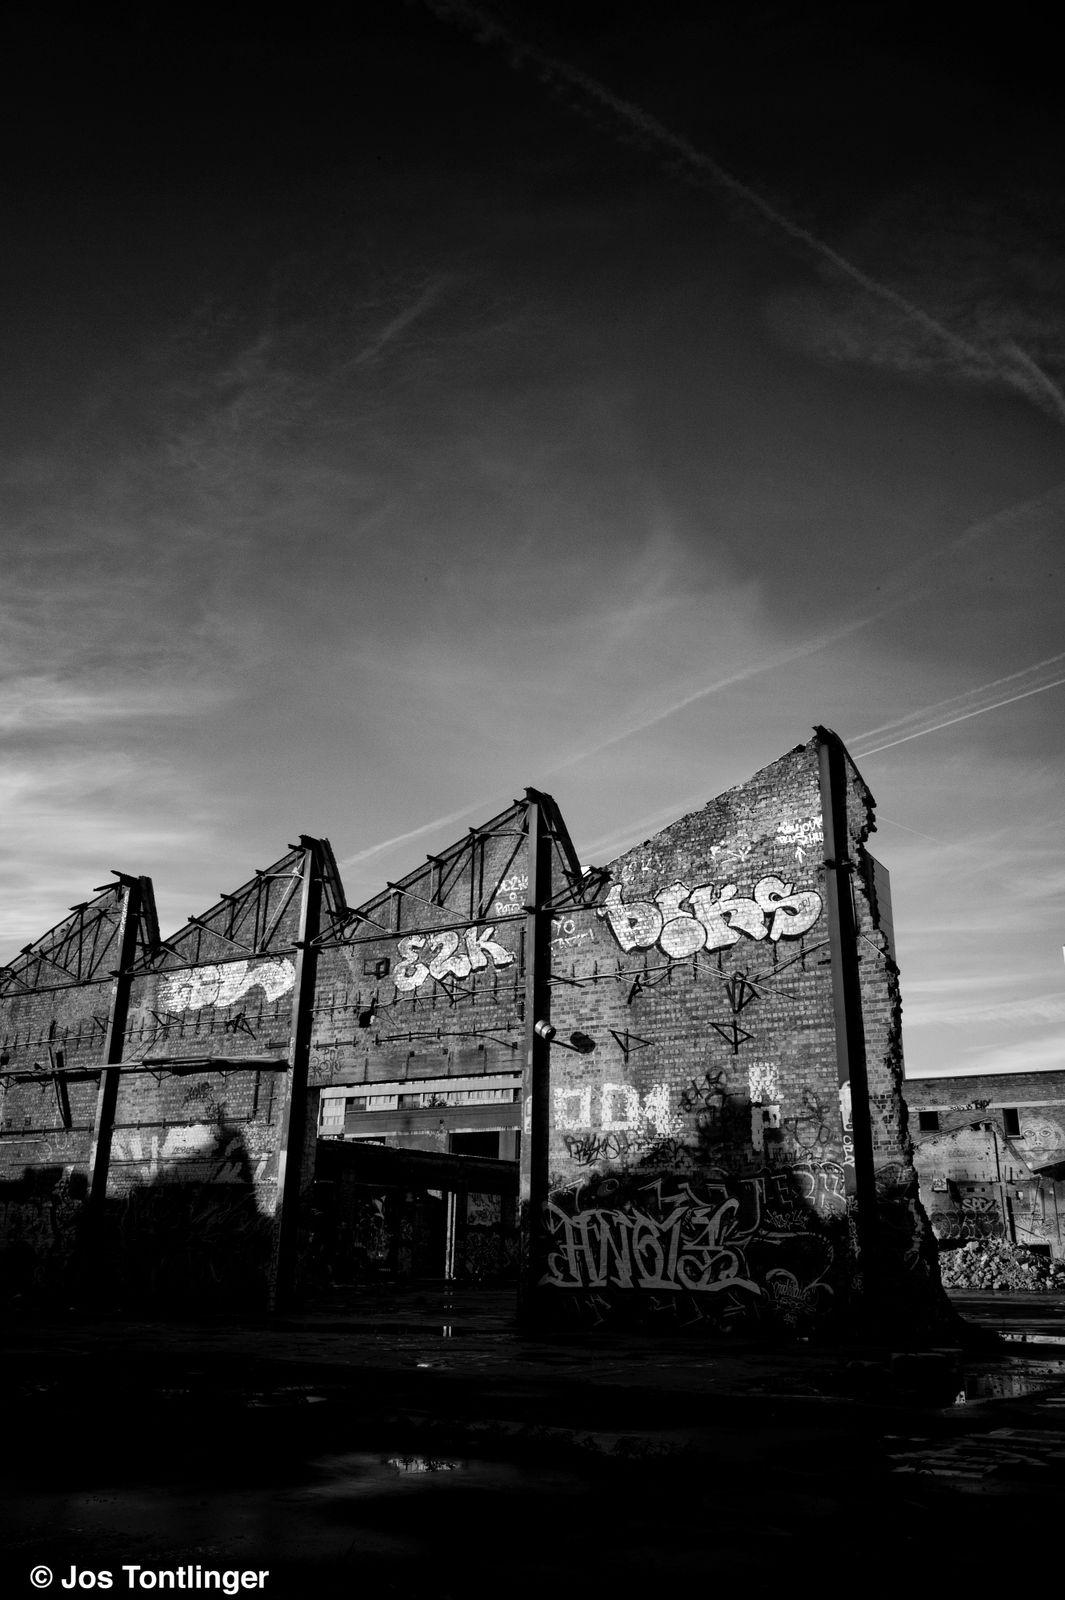 C'était ce mercredi 31 octobre 2012 aux petites heures du matin. En plein milieu de ma ville – Bruxelles – il y a ce territoire de plusieurs hectares où étaient jadis implantés de fiers bâtiments industriels à présent en voie de rasage.